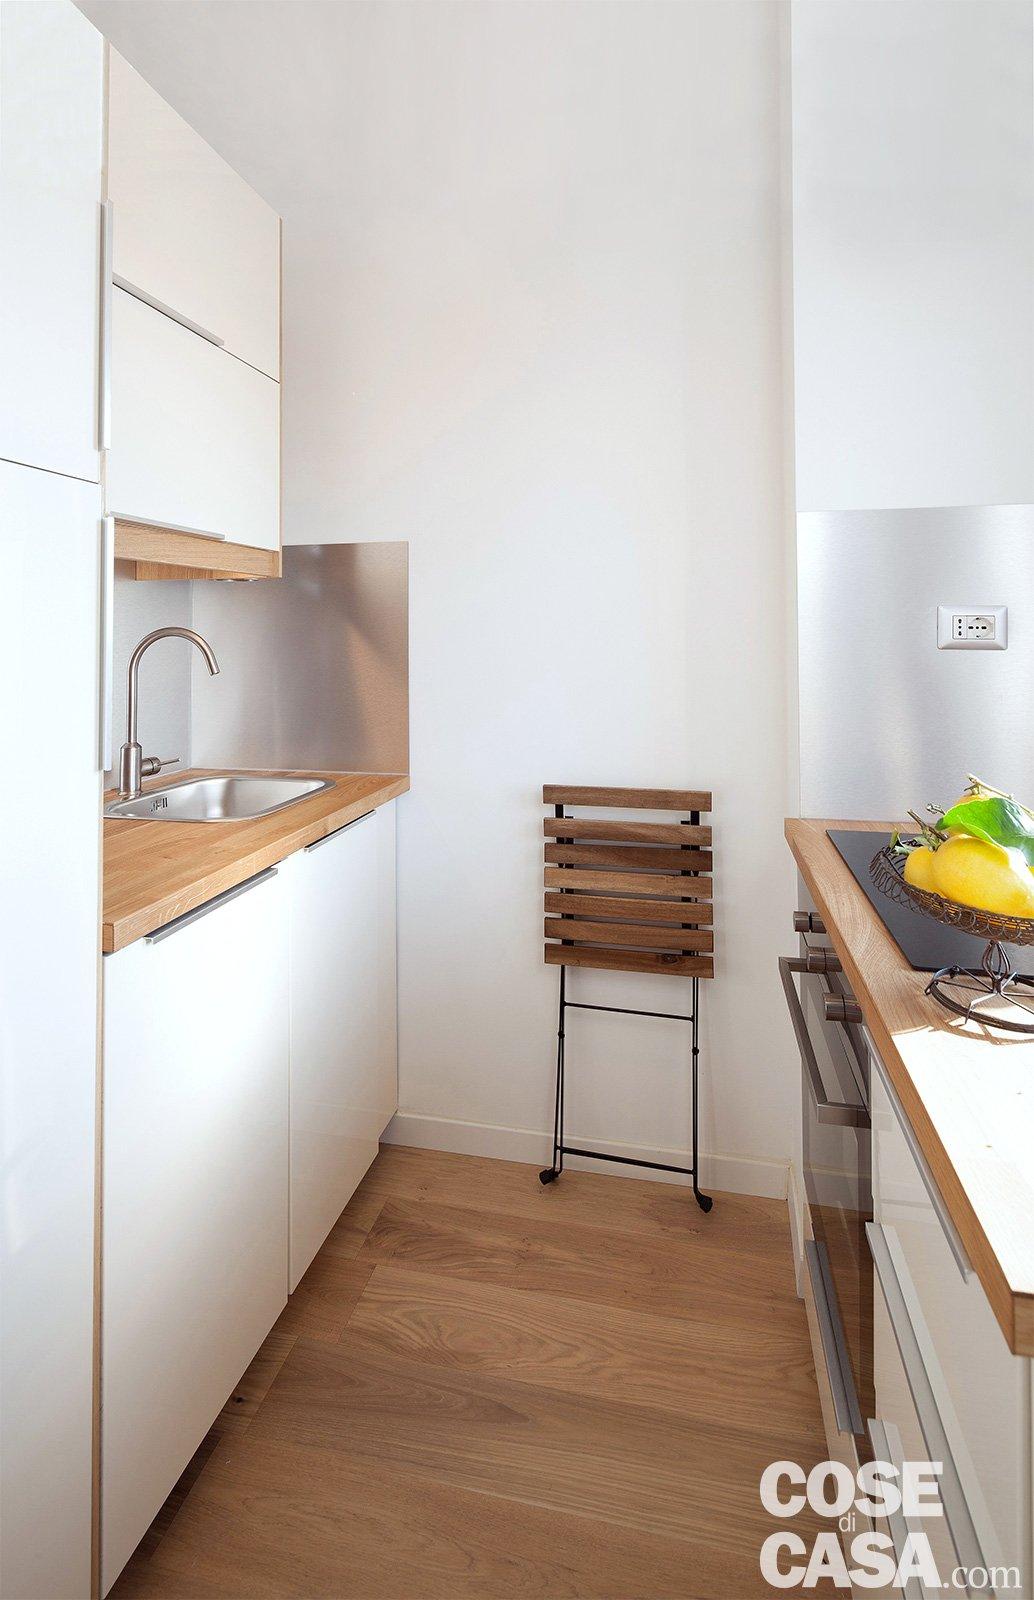 Bilocale di 40 mq casa mini comfort maxi cose di casa - Arredare casa risparmiando ...